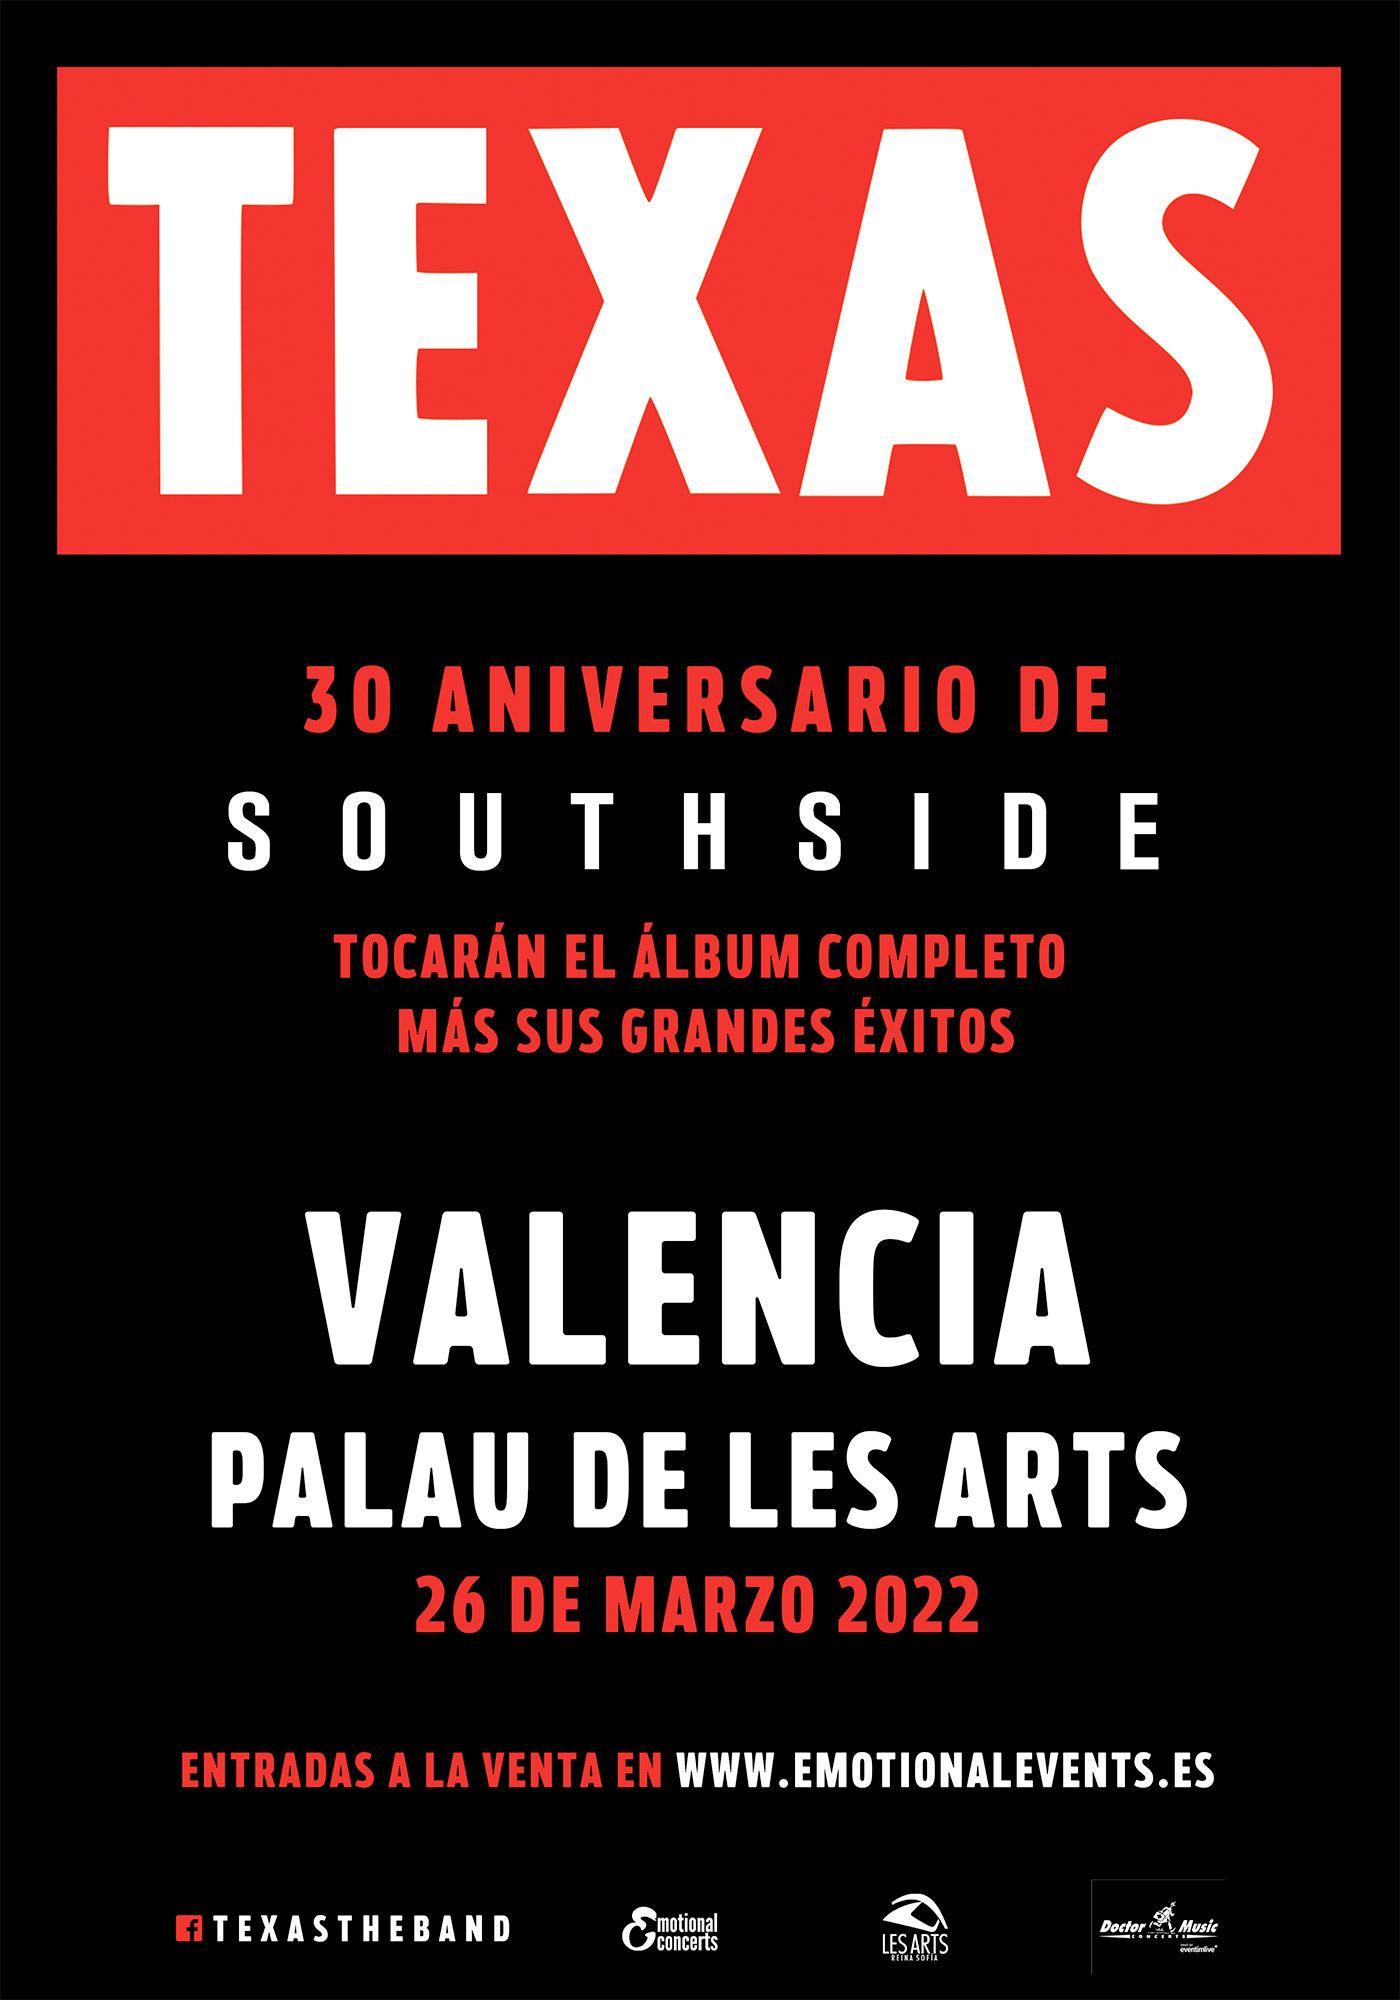 concierto texas valencia 2022